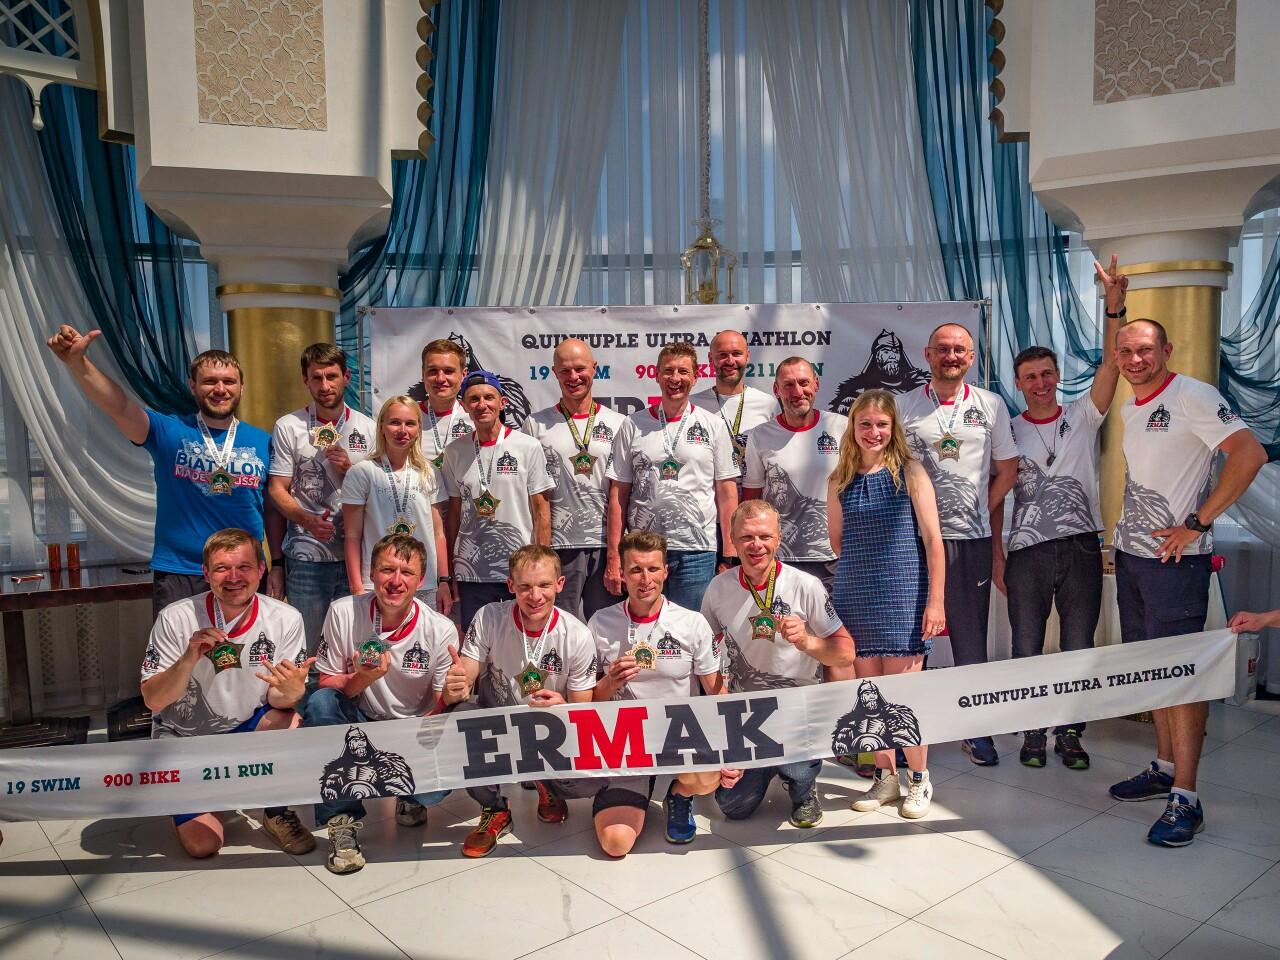 На Урале прошел пятикратный ультратриатлон Ermak